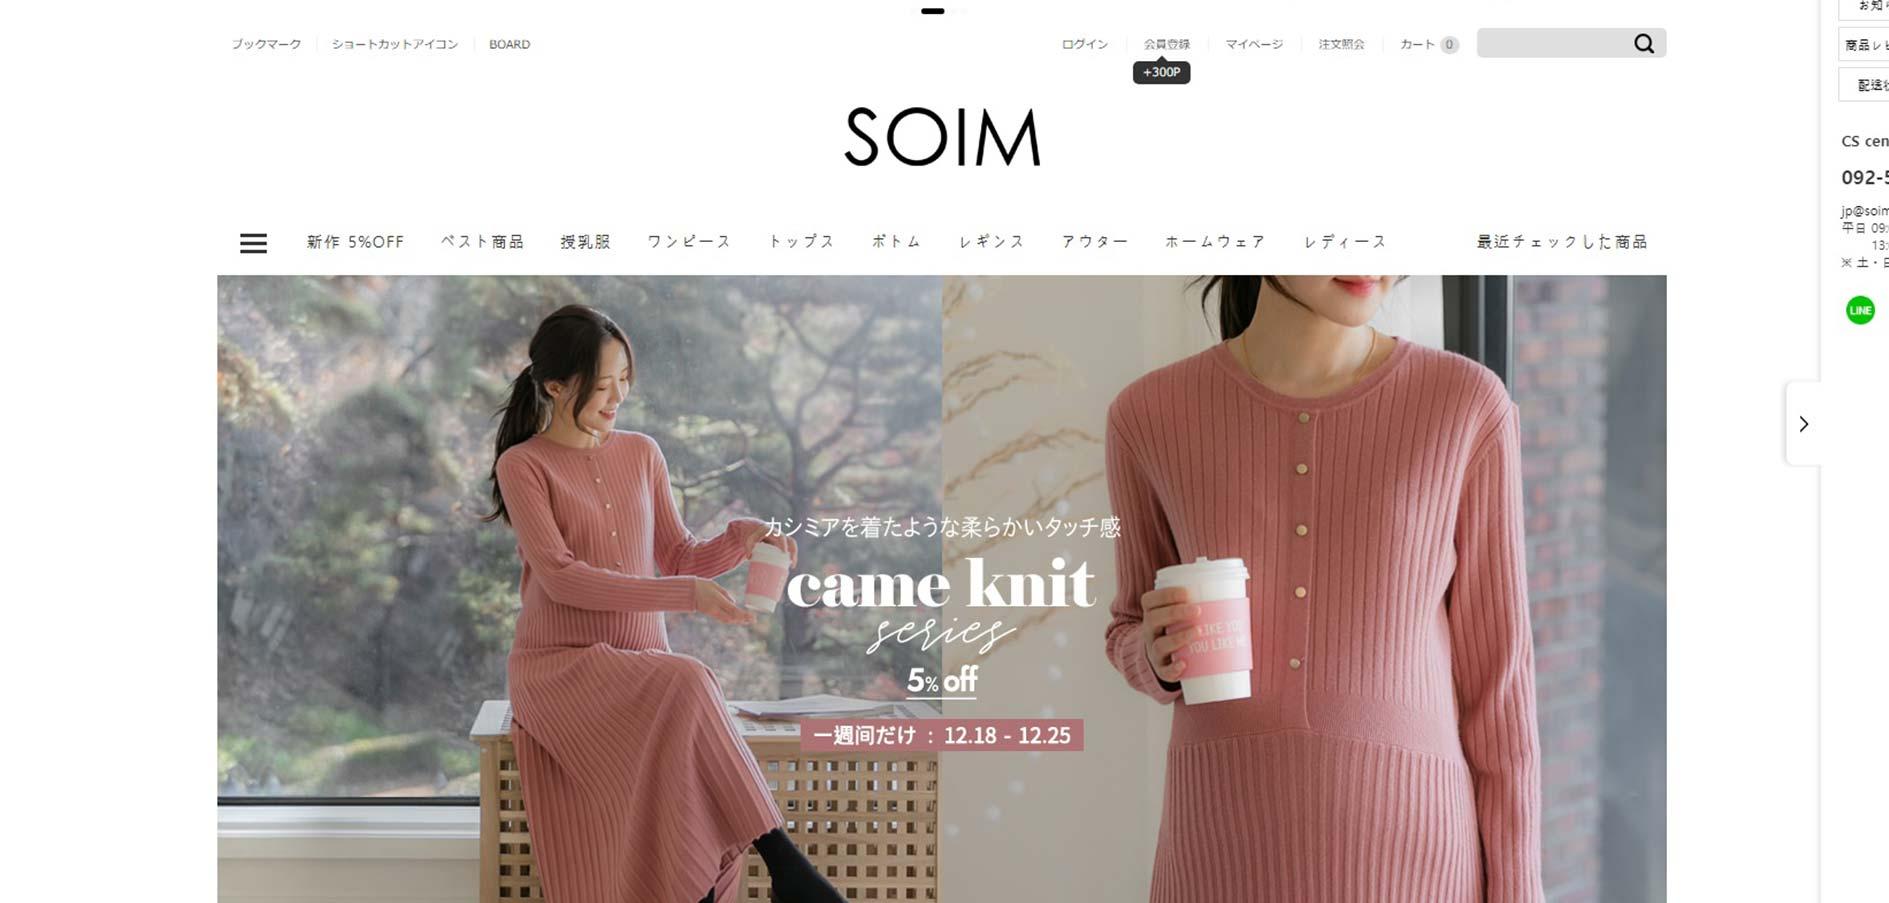 オシャレママのための韓国ファッション通販サイトSOIM(ソイム)